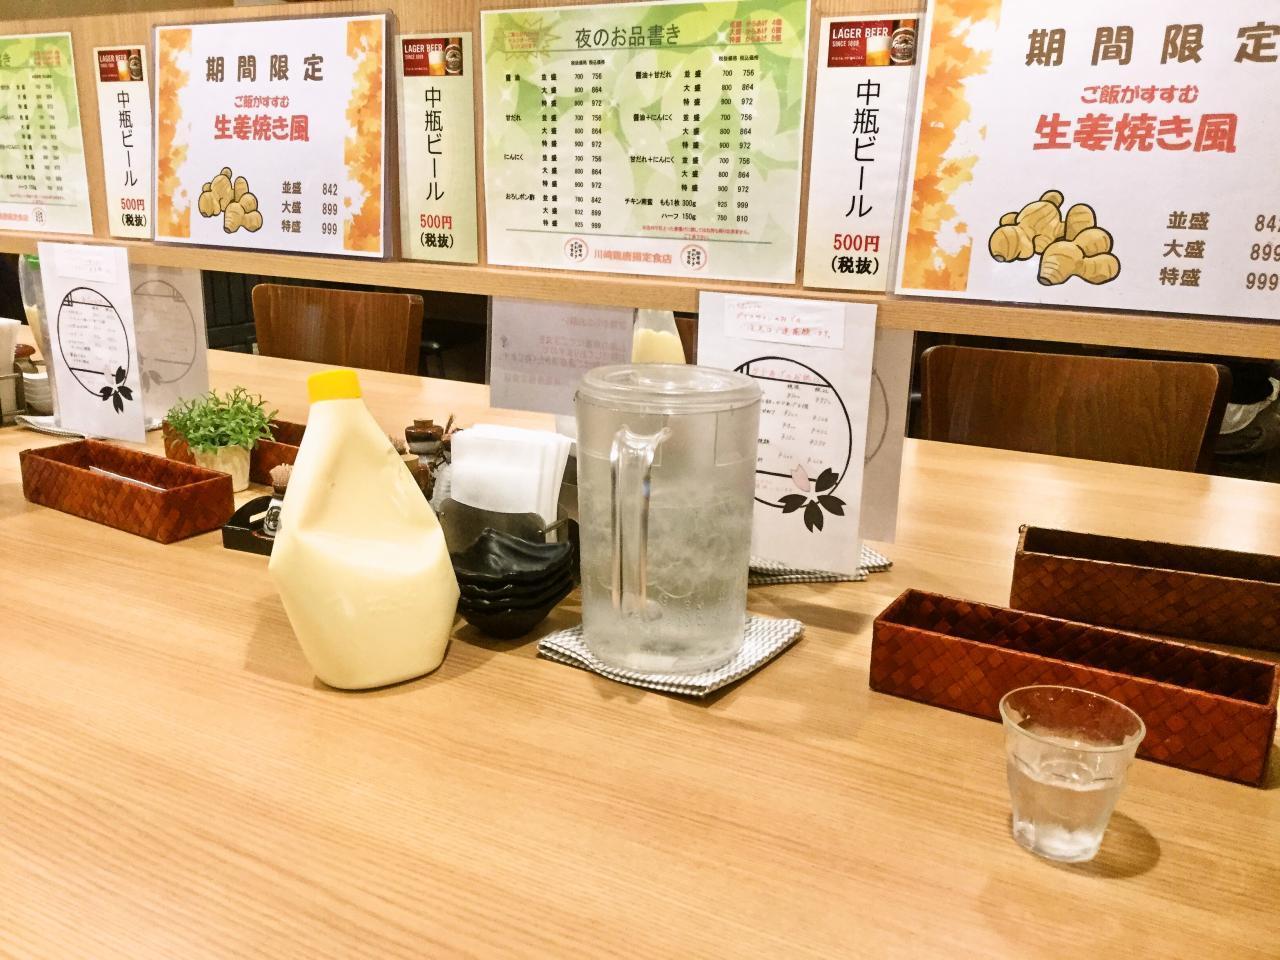 川崎鶏唐揚定食店(店内)